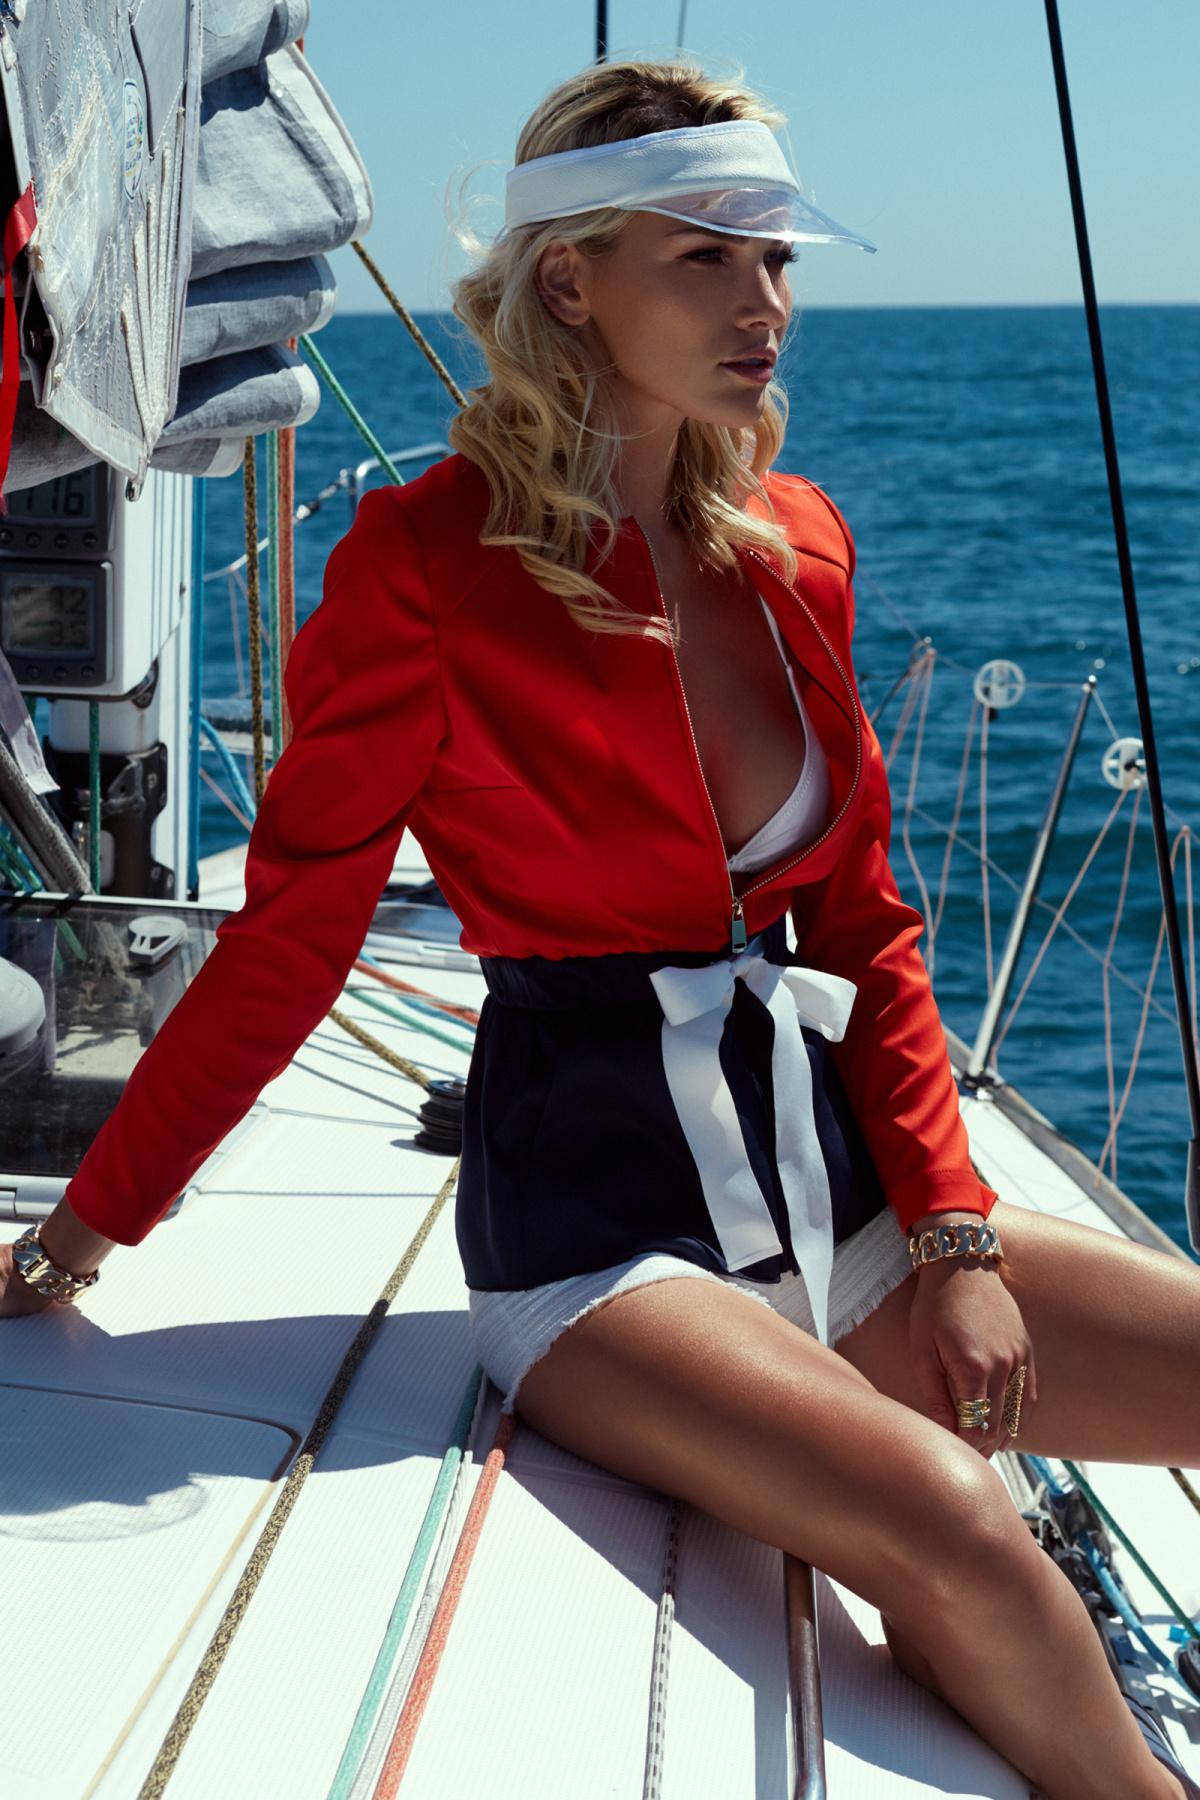 Jacheta casual in culori contrastante Rosu